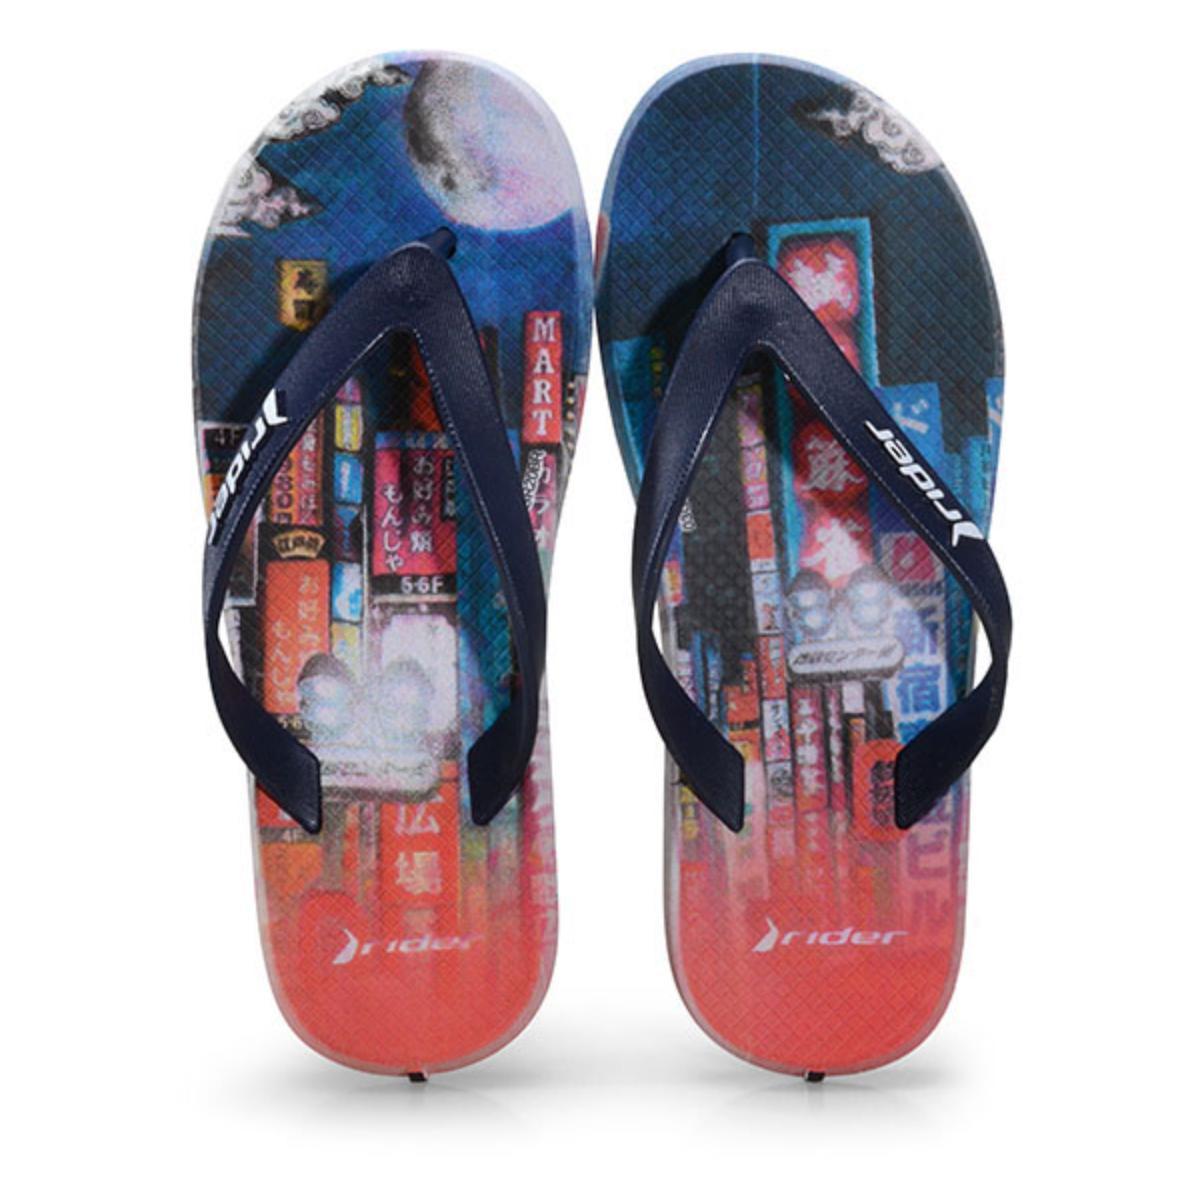 Chinelo Masc Infantil Grendene 10718 25474 Rider r1 Play  Branco/azul/vermelho